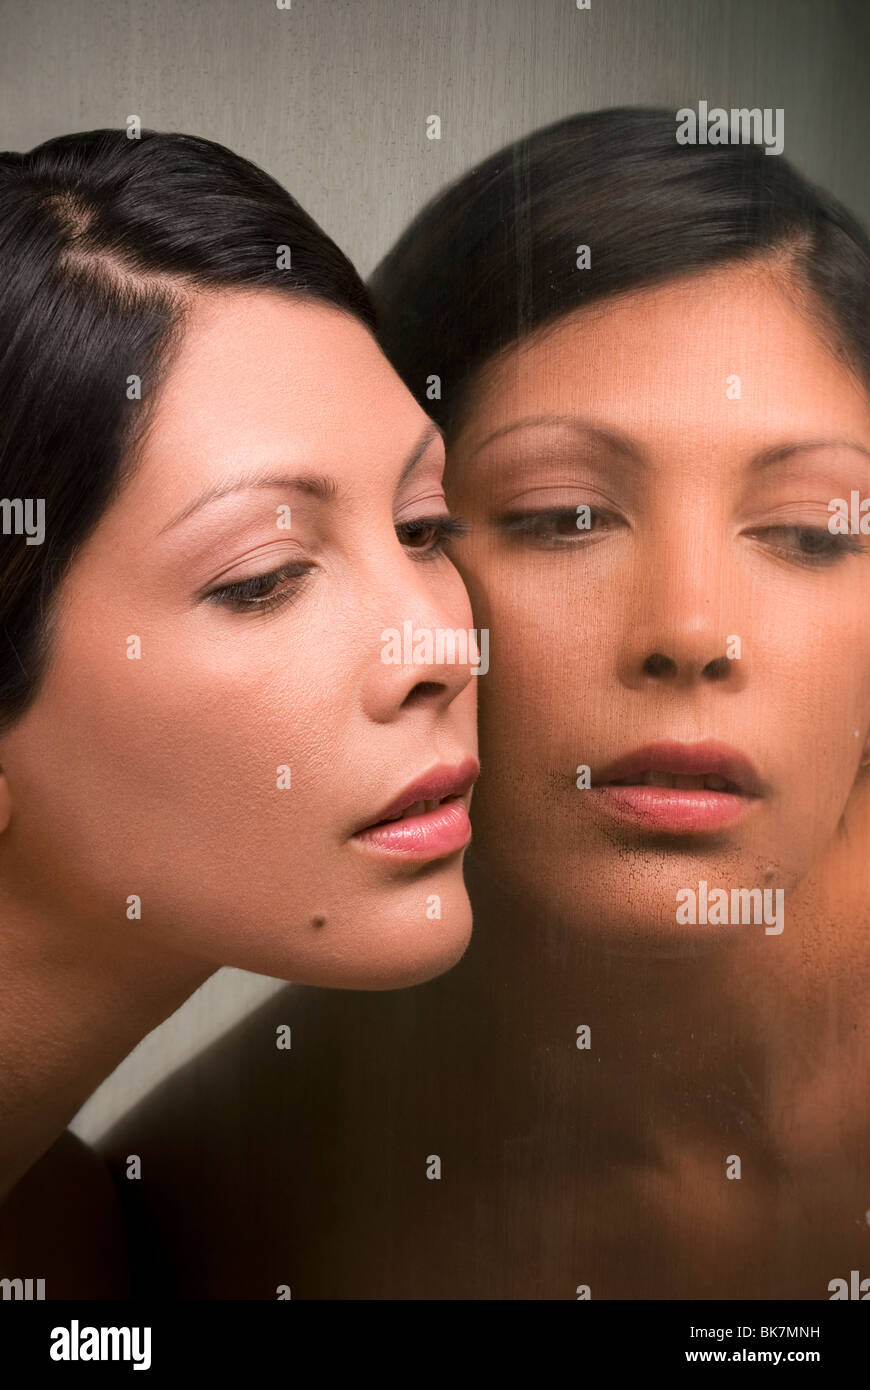 Junge Hispanic Frau und ihr Spiegelbild Stockfoto